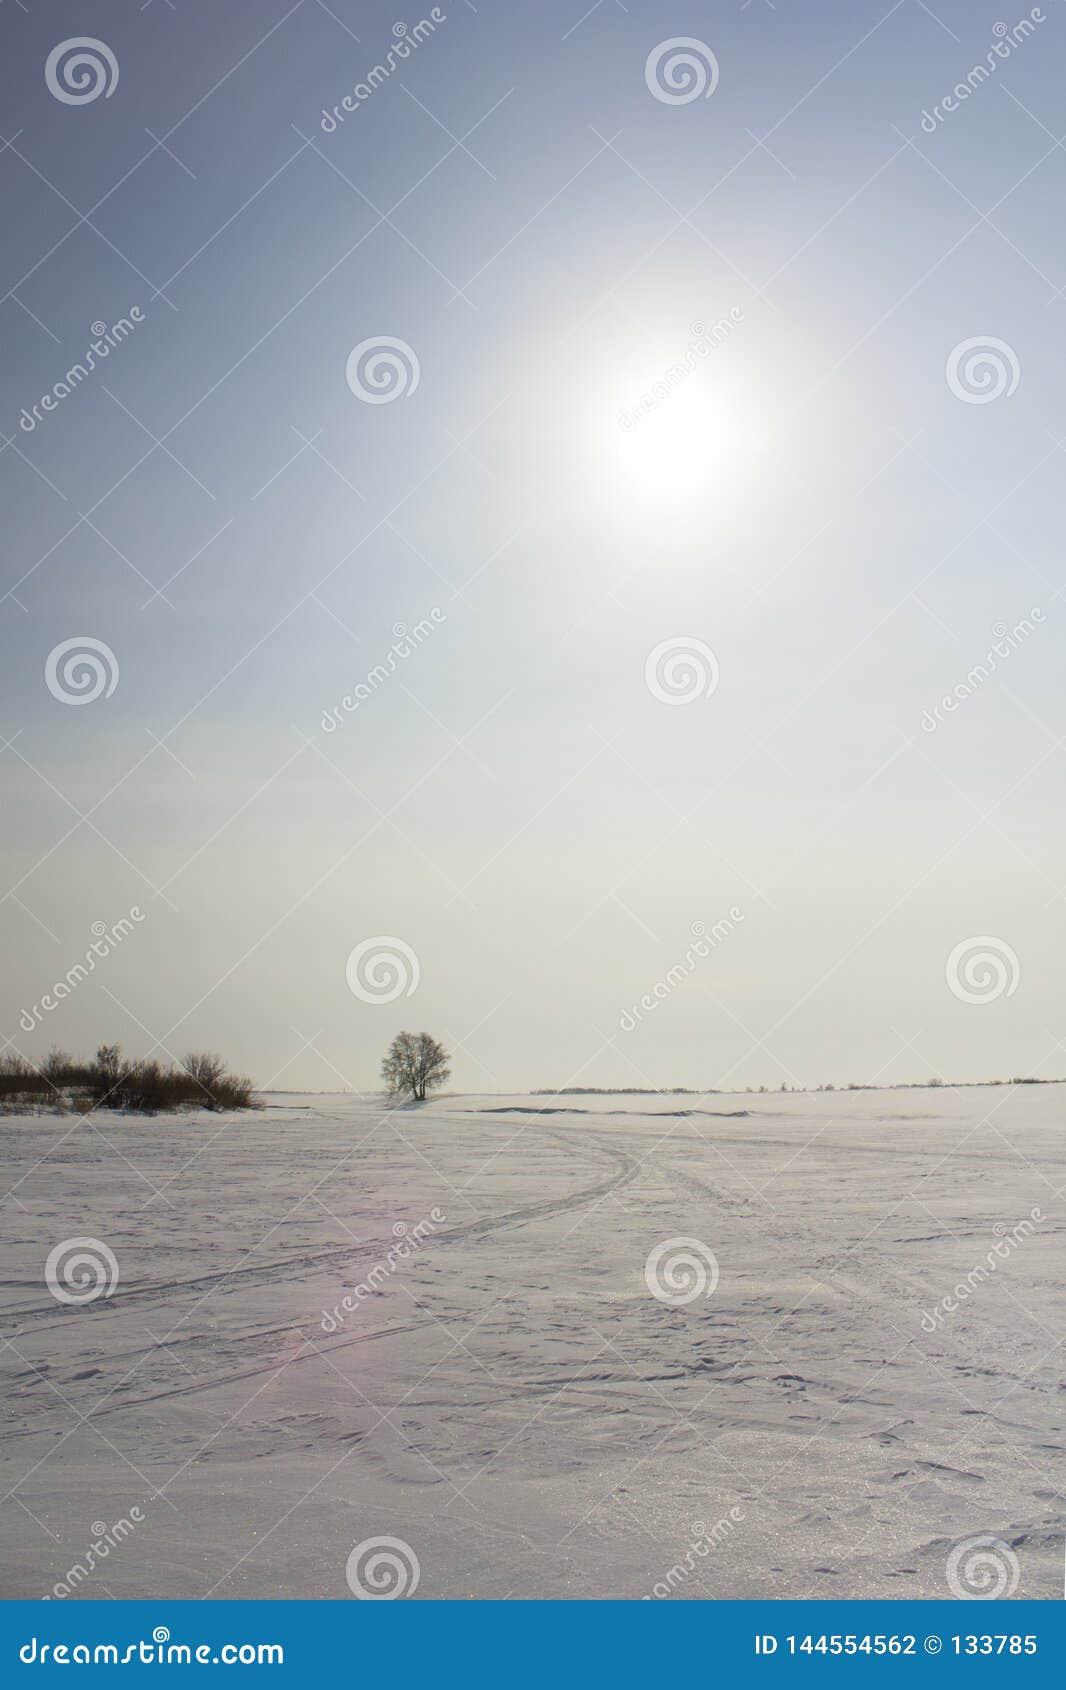 Sneeuwscootersleep in de woestijn van de de wintersneeuw met droge struik en boom onder de blauwe hemel met de zon